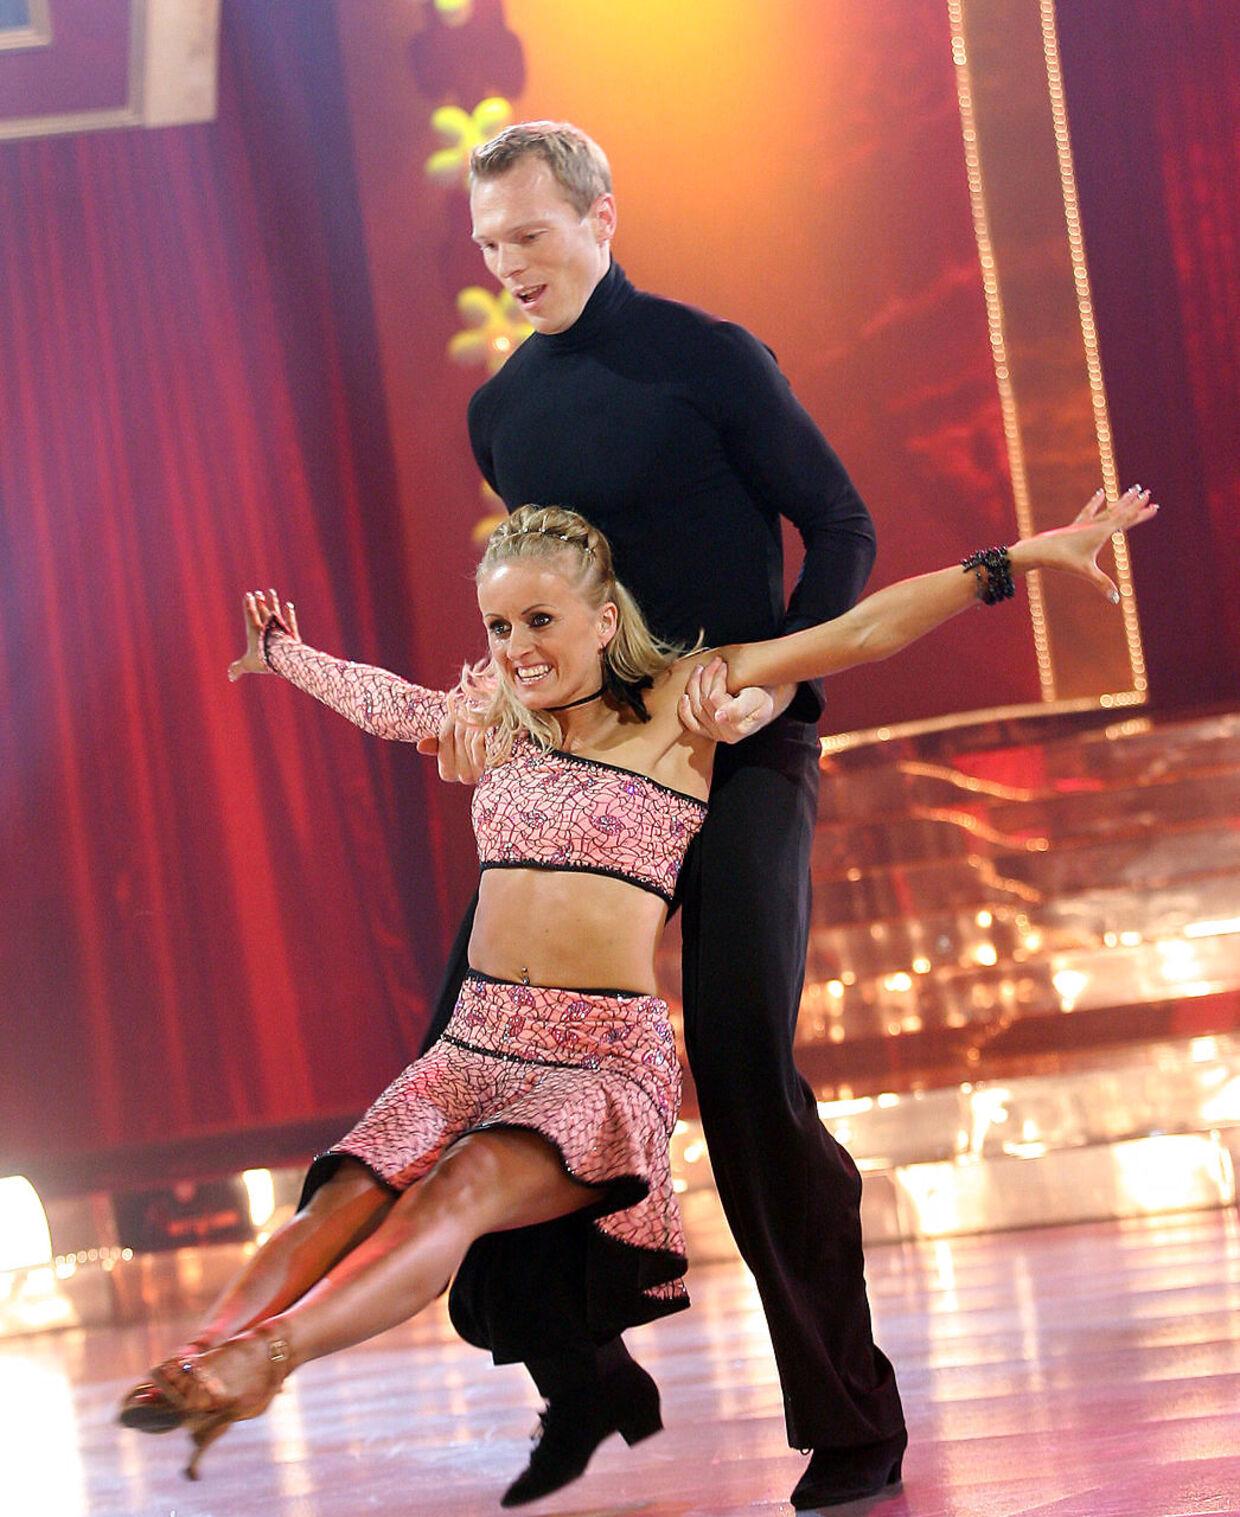 Marianne Eihilt og Eskild Ebbesen, da de dansede sammen i 2005.